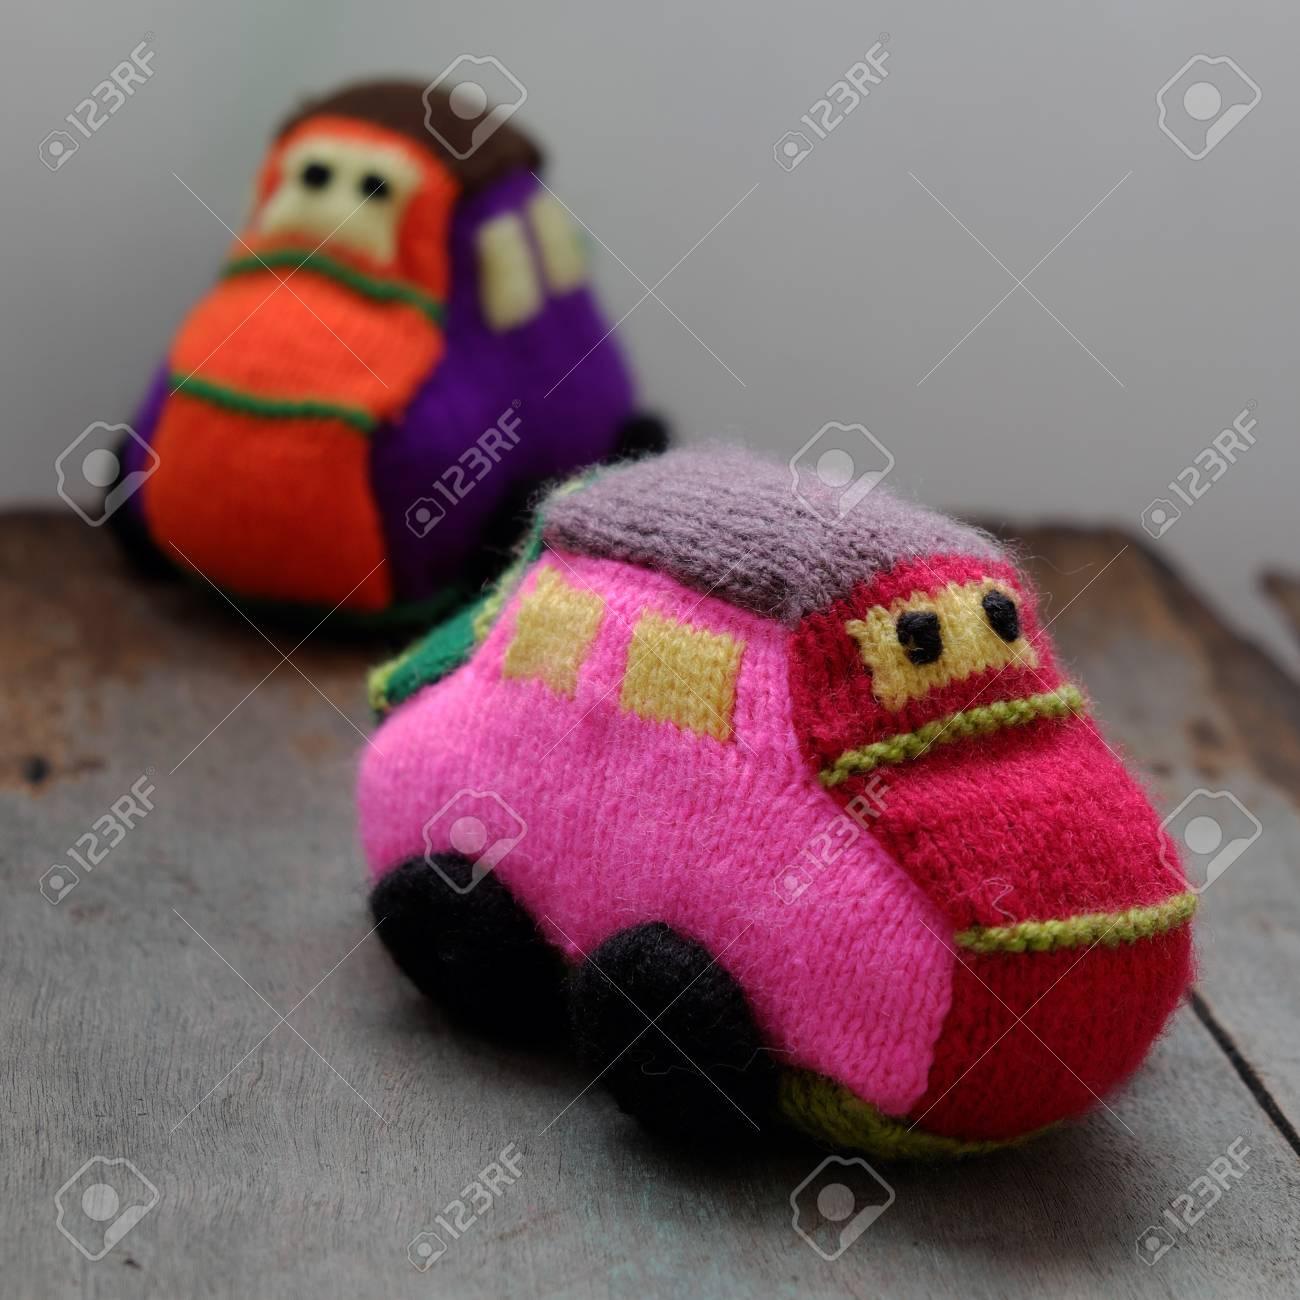 Handgemachtes Geschenk Fur Kinder Zwei Bunte Baby Autos Stricken